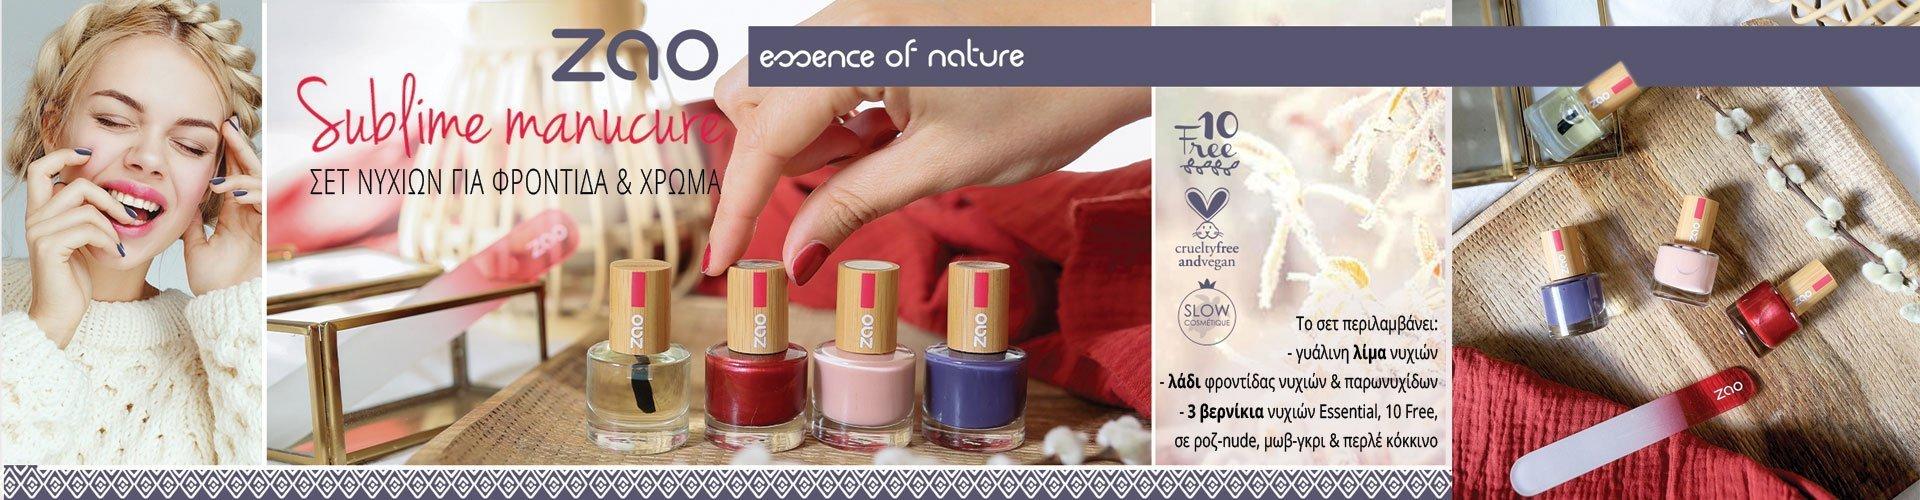 ONTS Φυσικά και Βιολογικά Προϊόντα Μακιγιάζ. ZAO MAKE UP. Zao Nail – Sublime Manicure Σετ μανικιούρ με γυάλινη λίμα, λάδι παρωνυχίδων και 3 βερνίκια νυχιών